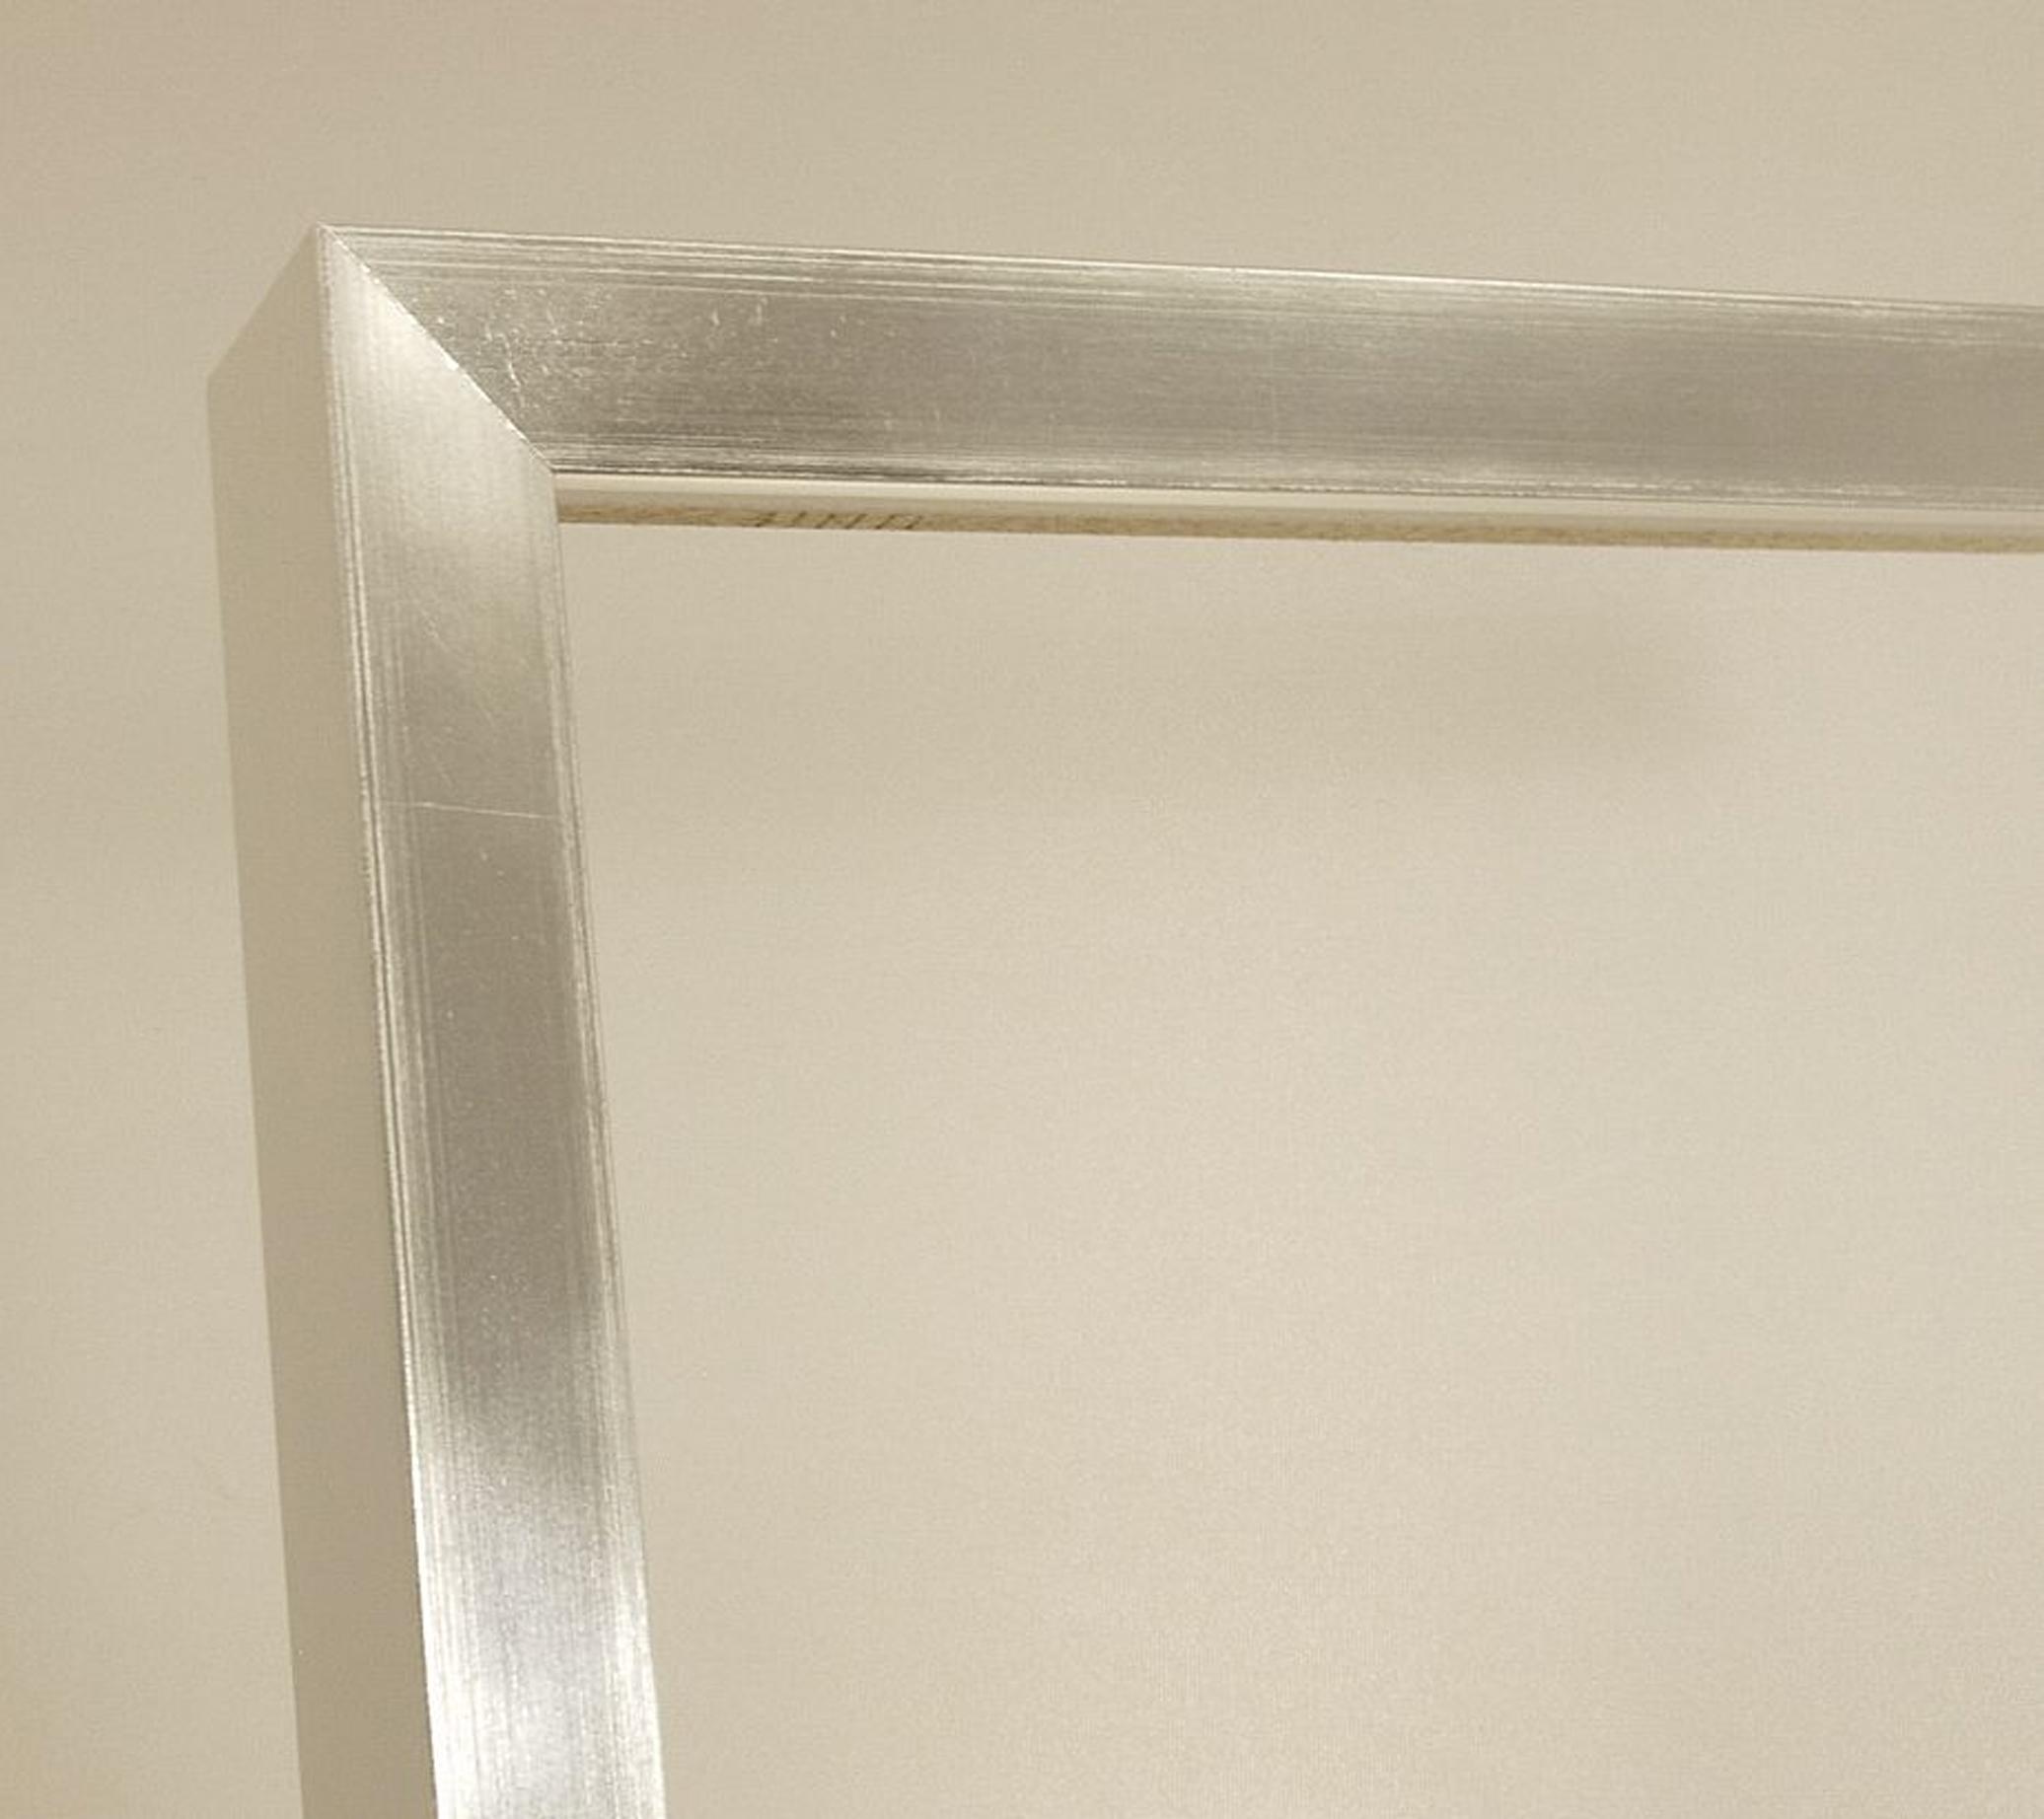 Bilderrahmen Stefanie, Moderner Bilderrahmen - Weiß, Silber